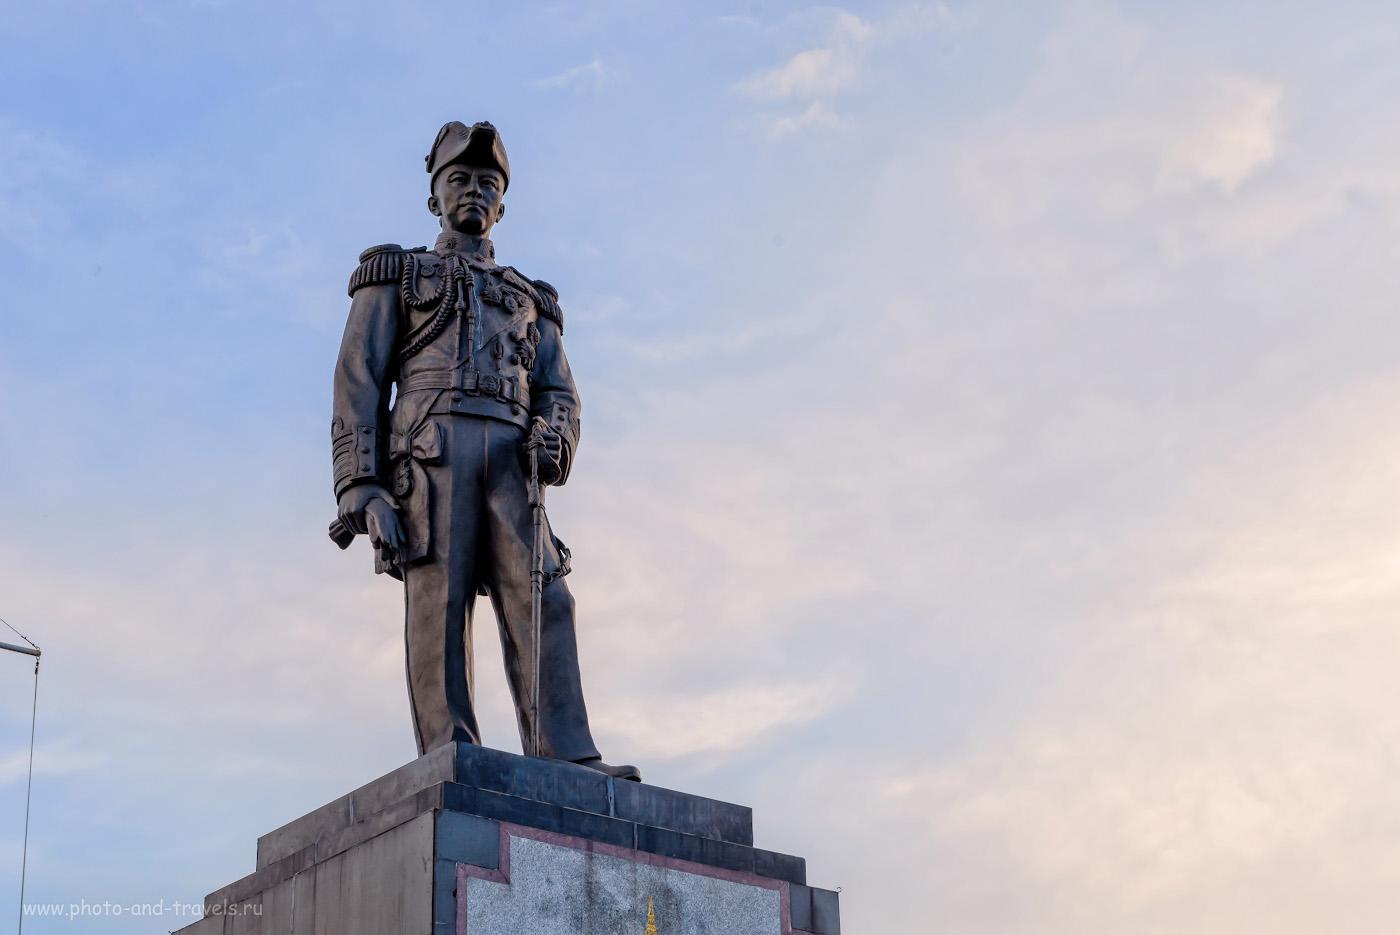 Фотография 30. Статуя Адмирала Крома на смотровой площадке, на вершине холма Паттайя Хилл. Куда пойти вечером на отдыхе. 1/125, +1.33, 9.0, 640, 58.